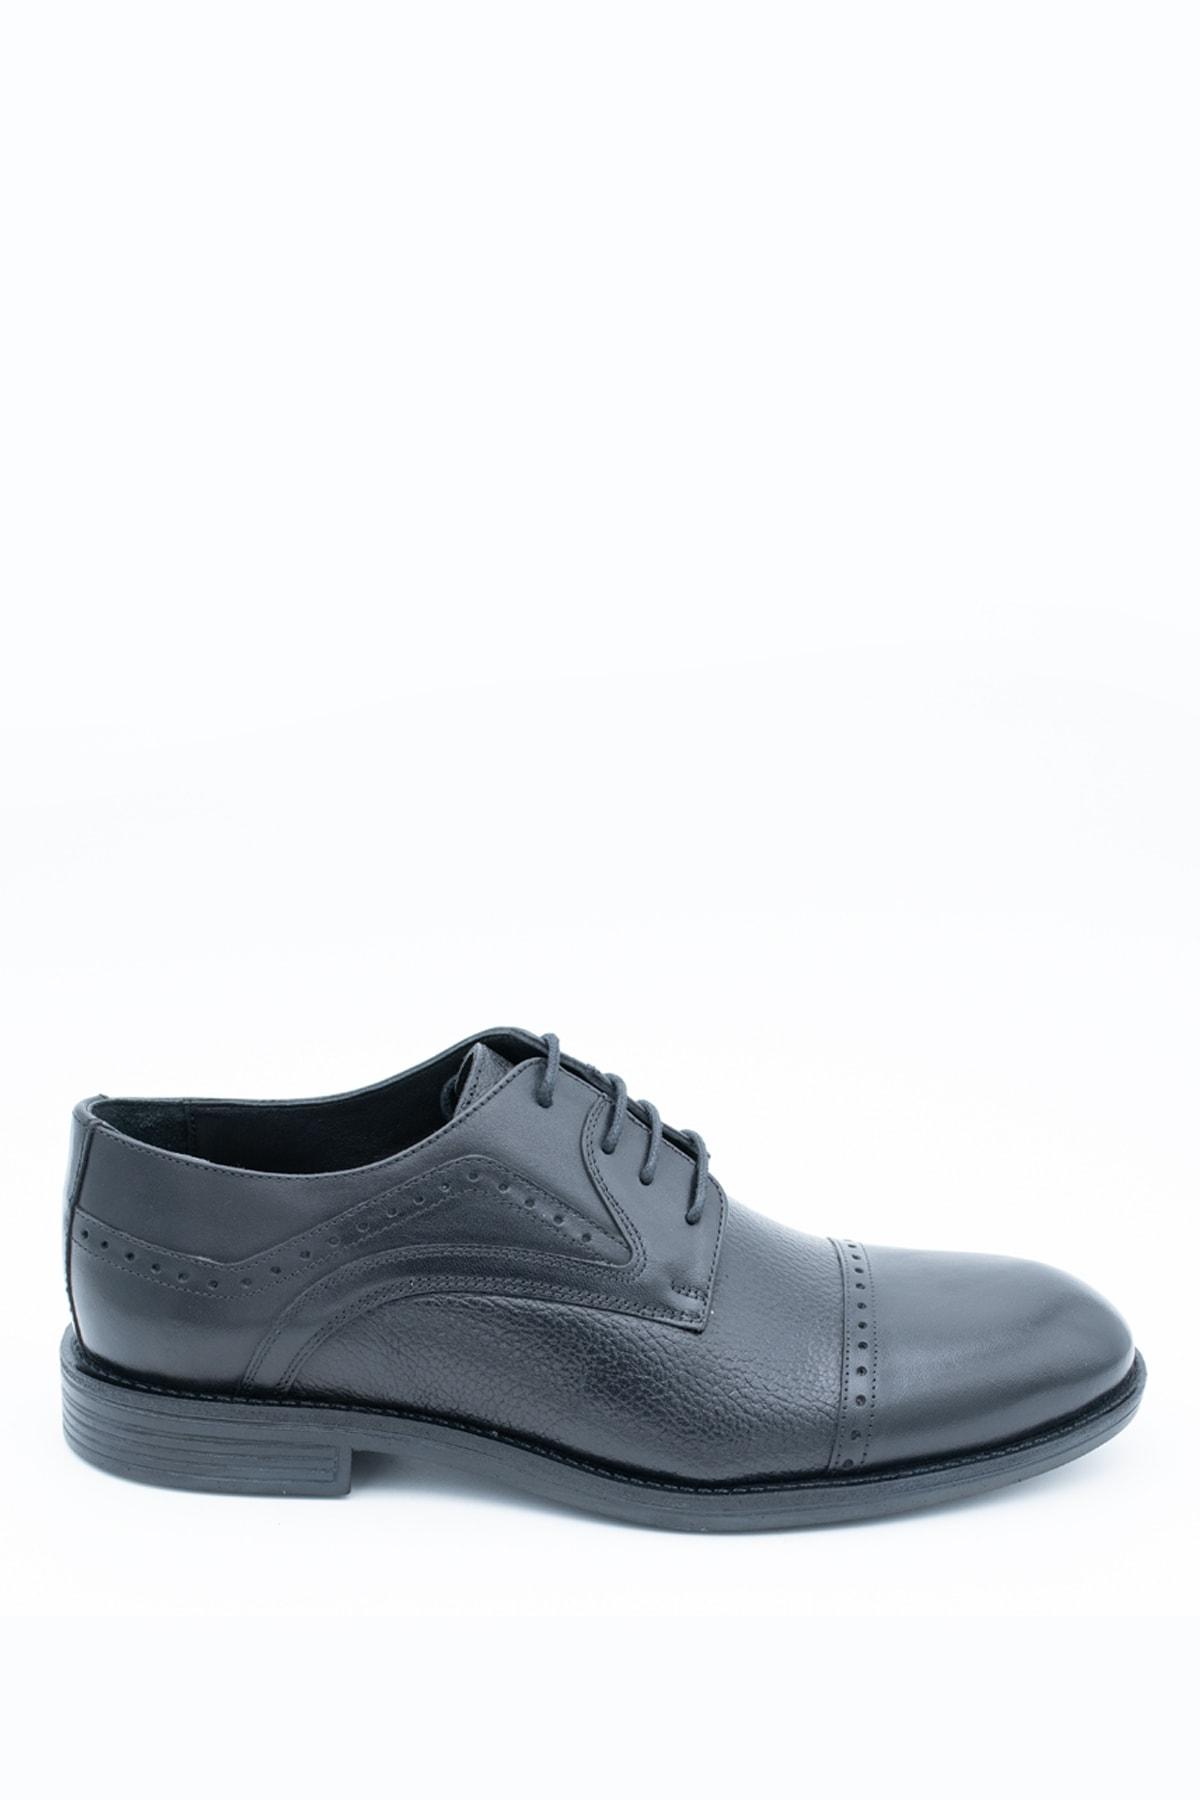 İgs Erkek Siyah Klasik Ayakkabı 197057-2 1